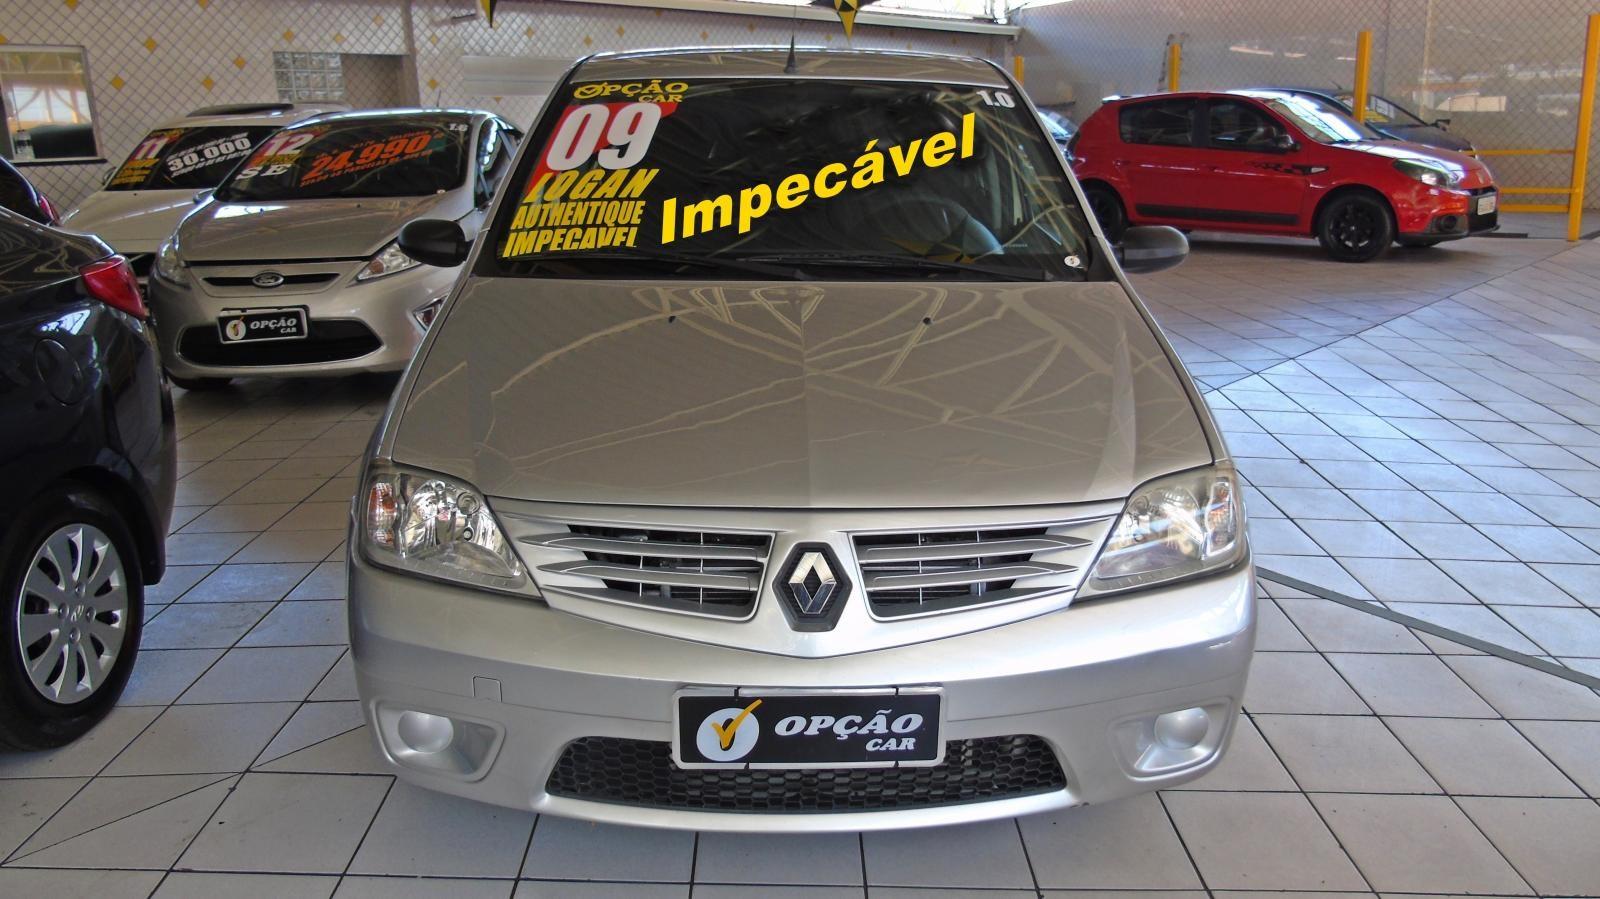 //www.autoline.com.br/carro/renault/logan-10-expression-16v-flex-4p-manual/2009/sao-paulo-sp/12307417